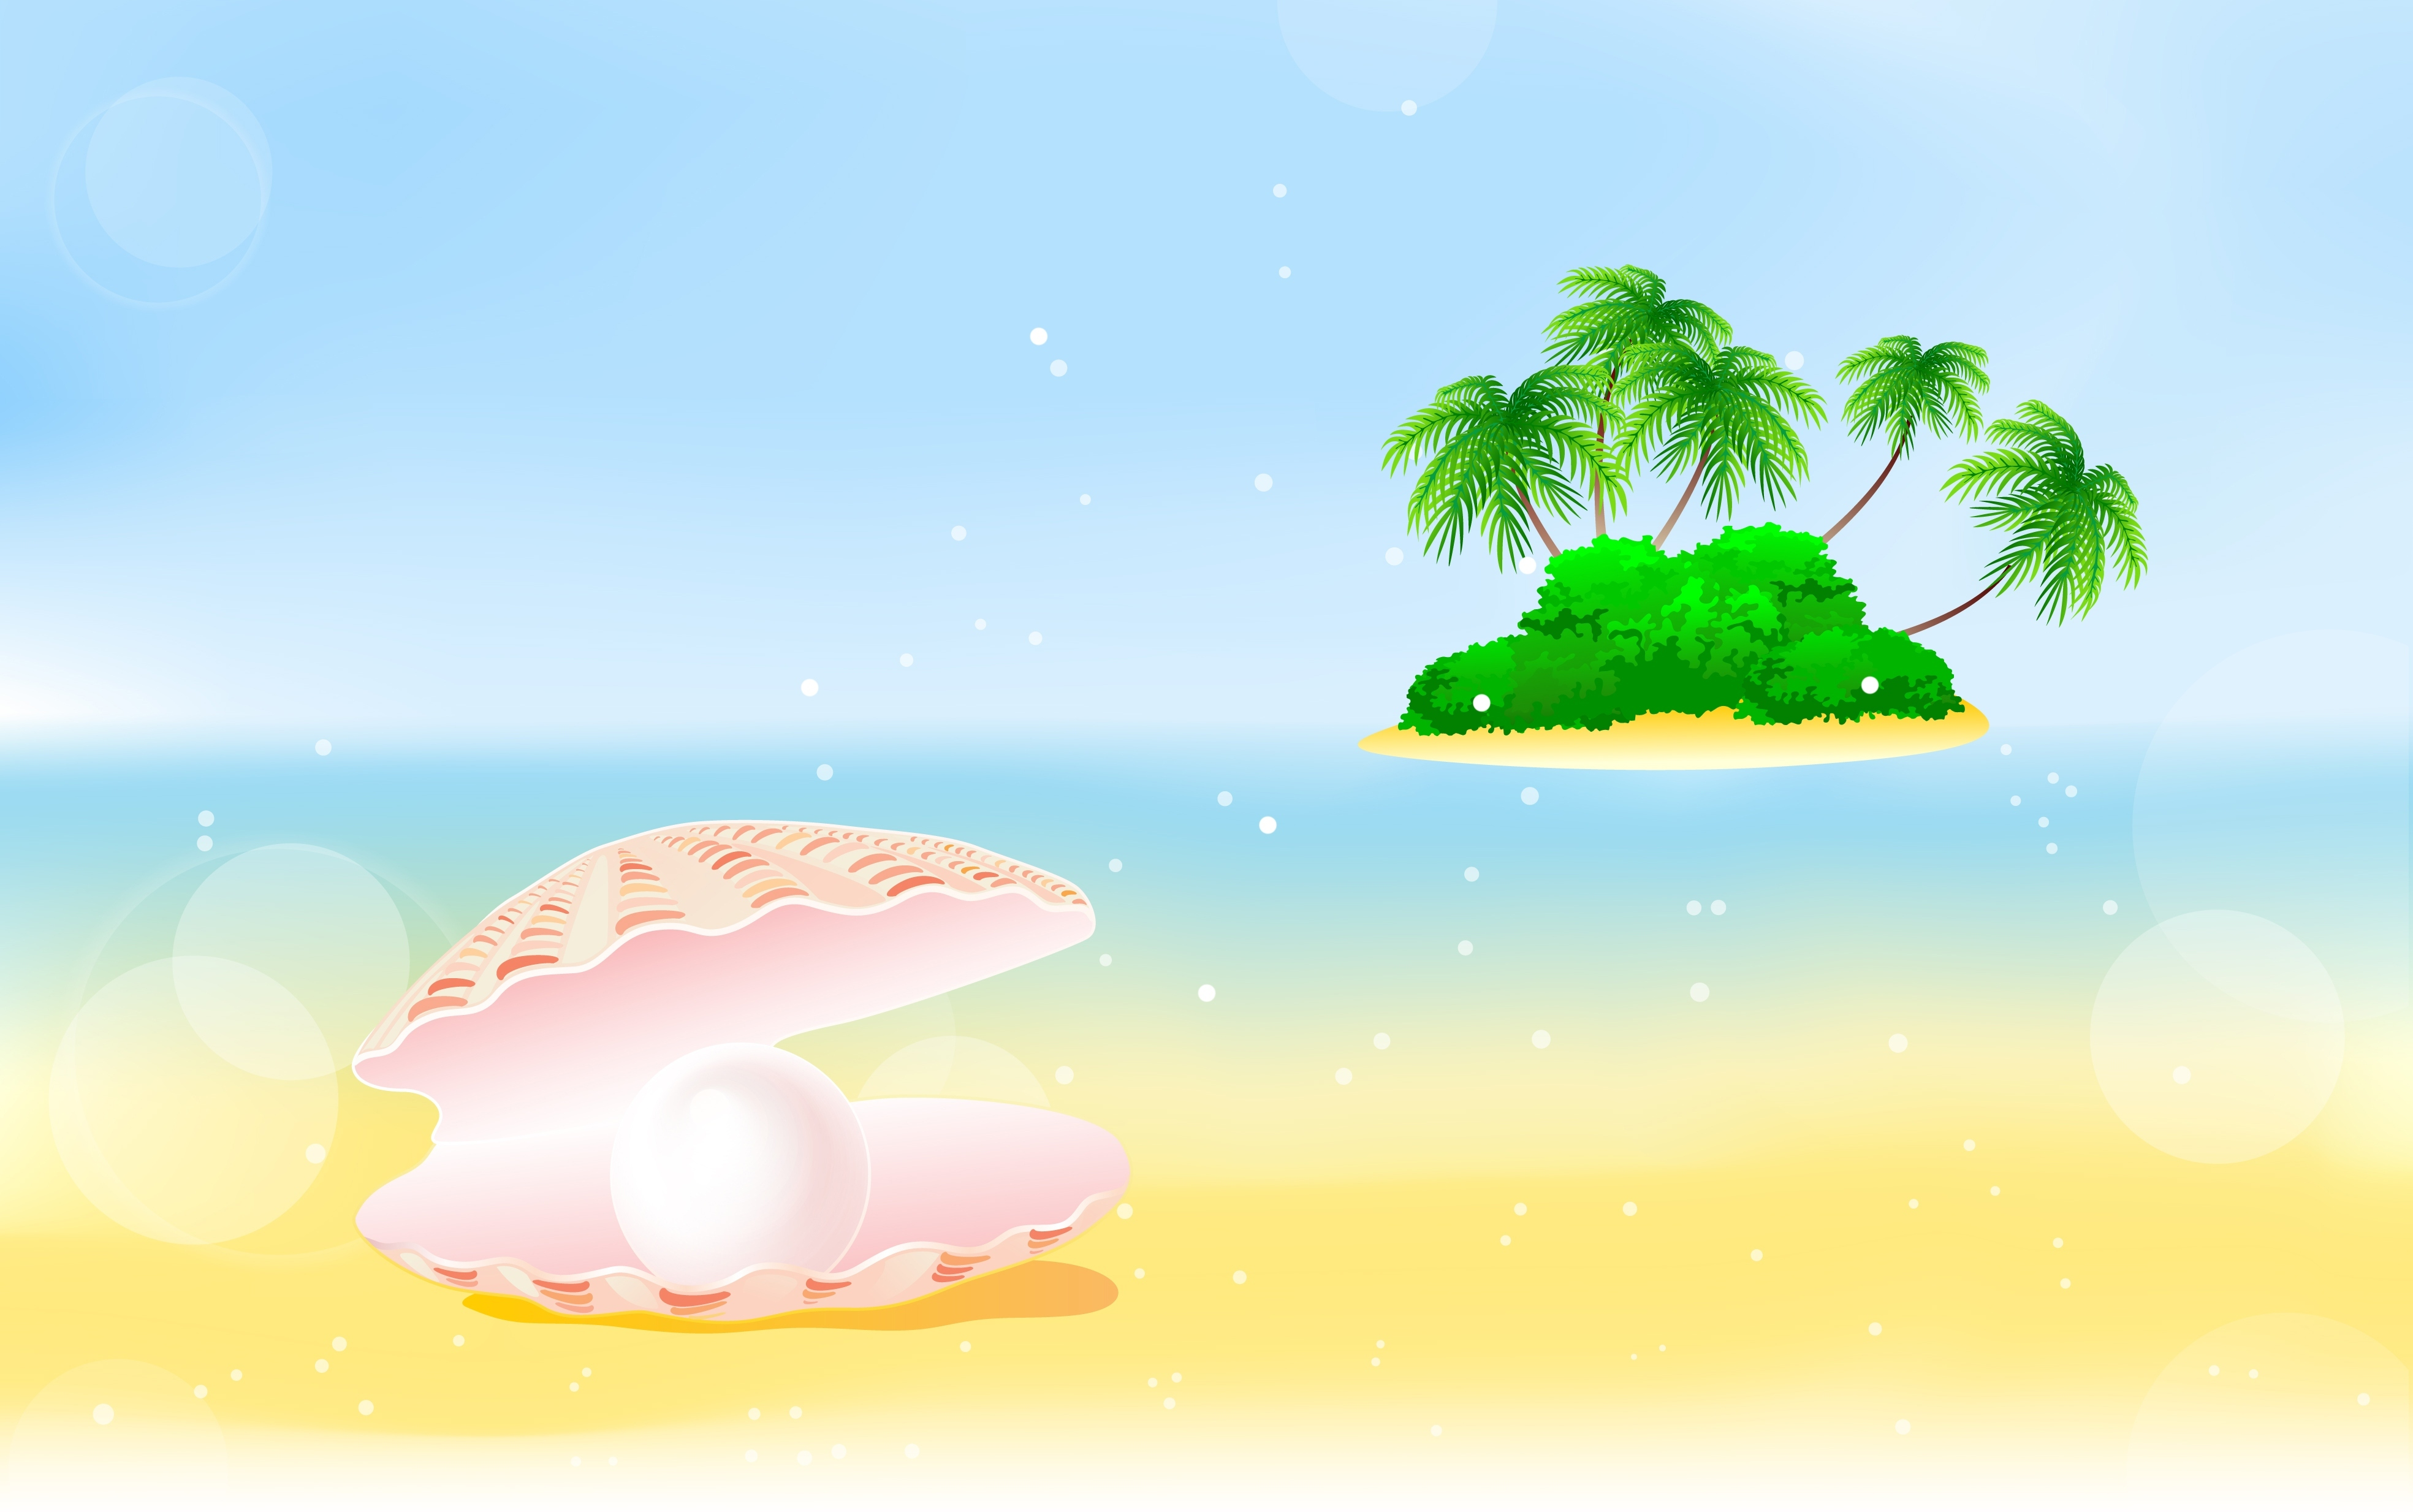 Остров необитаемый картинка для детей